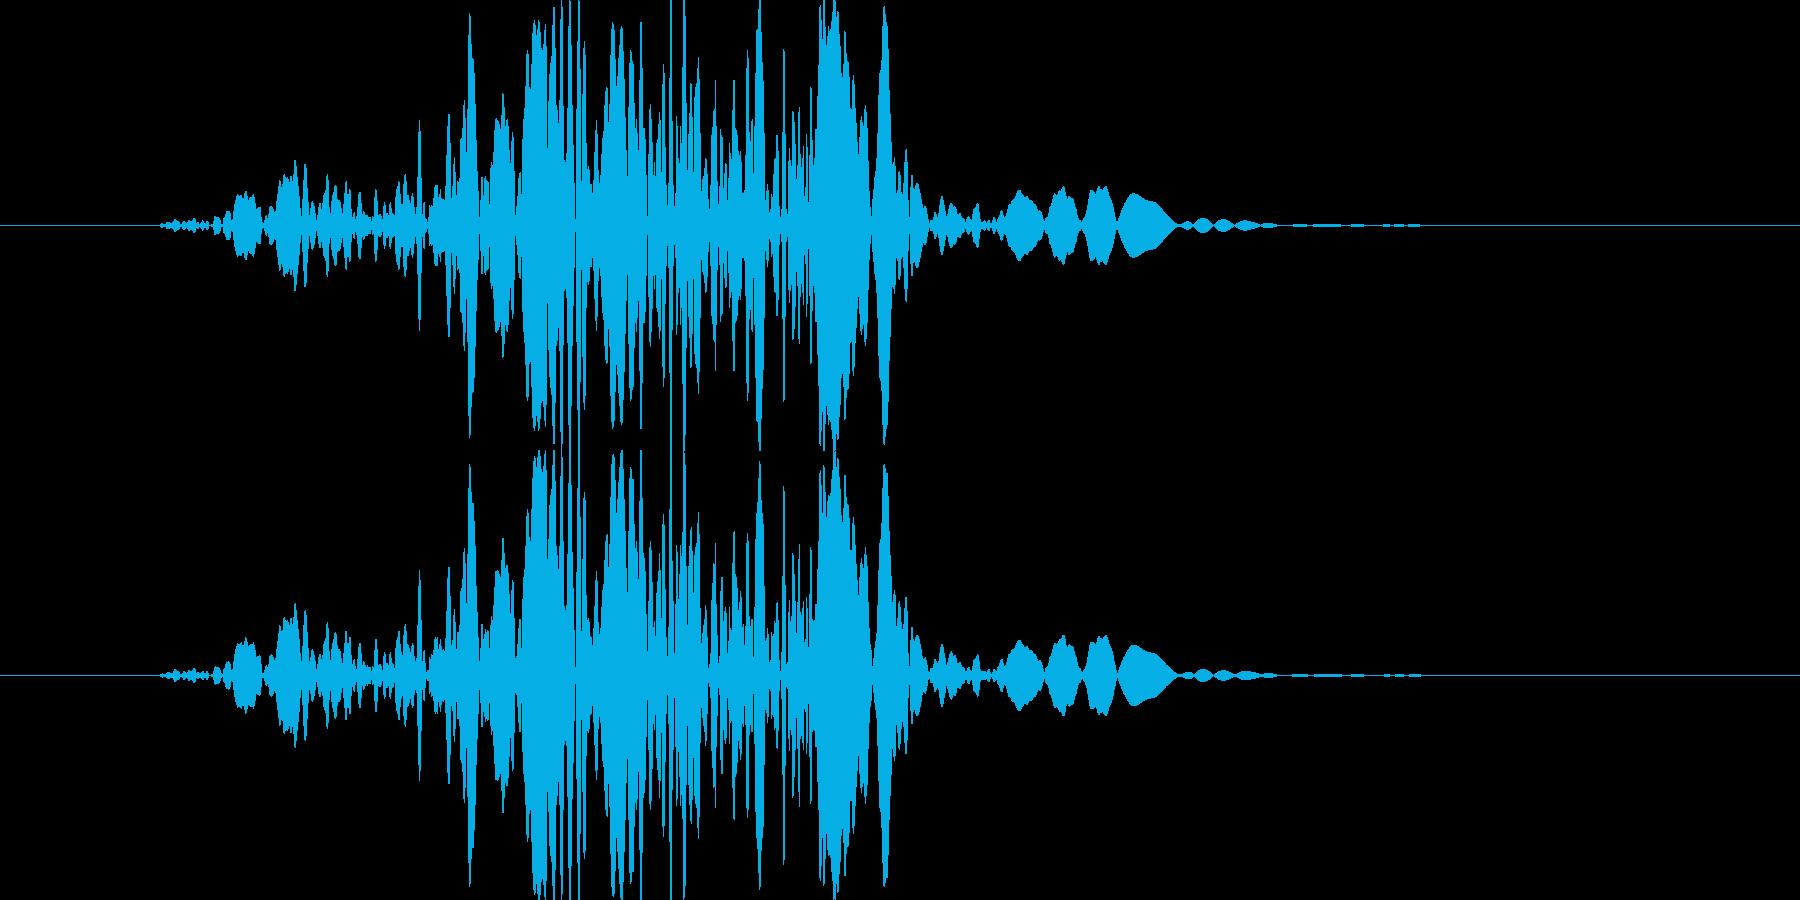 バッ【衝撃、倒れる、羽ばたく】の再生済みの波形